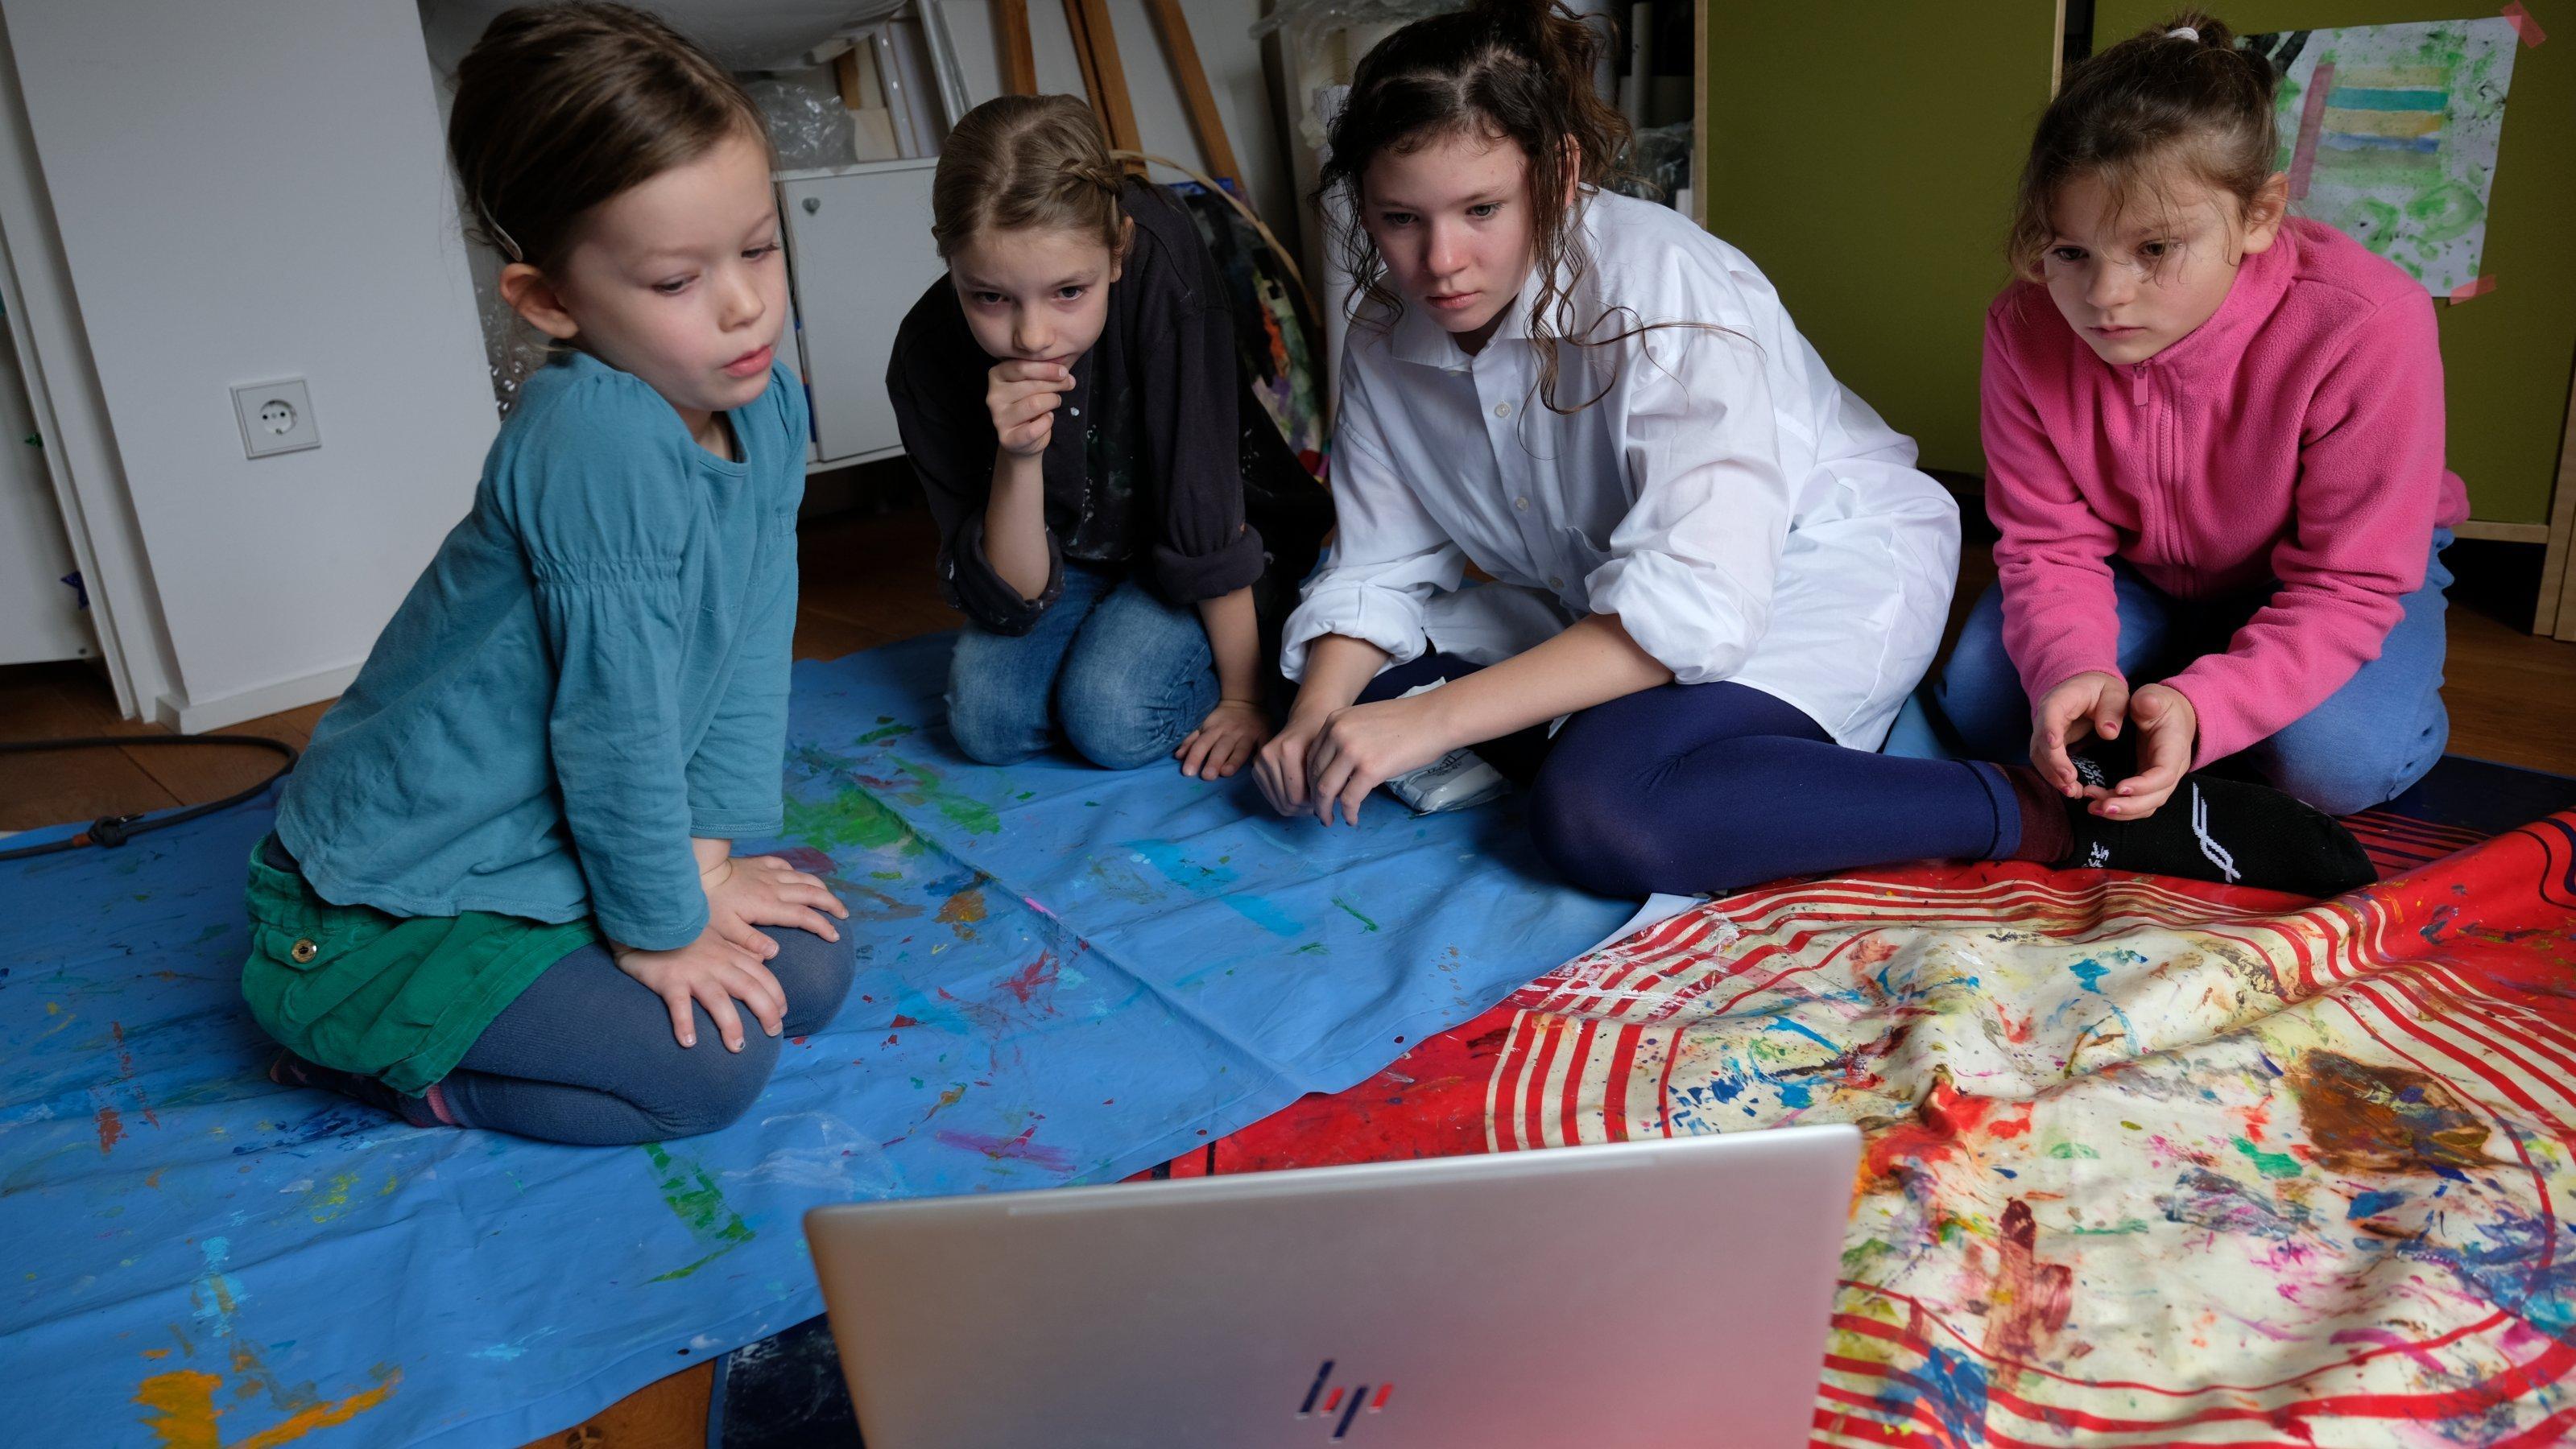 Vier Mädchen von fünf bis zwölf Jahren sitzen vor einem Notebook auf dem Boden und gucken im Internet ein Video. Die Kunstsammlung NRW erklärt auf YouTube für Kinder, wie einzelne Künstler gearbeitet haben.